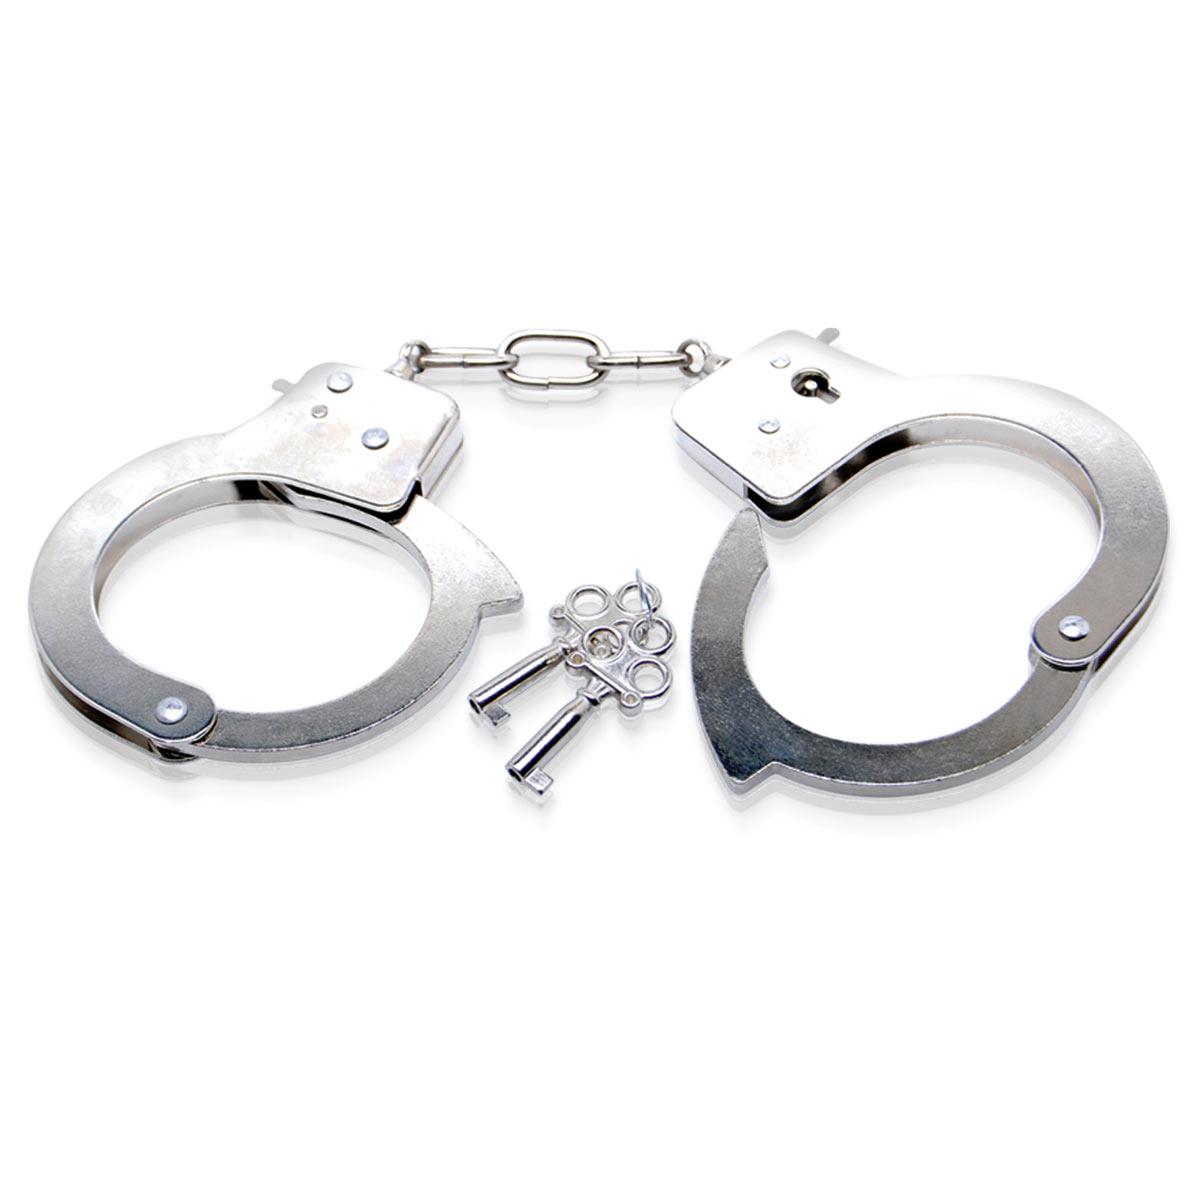 Металлические наручники Metal Handcuffs с ключиками - фото 85892